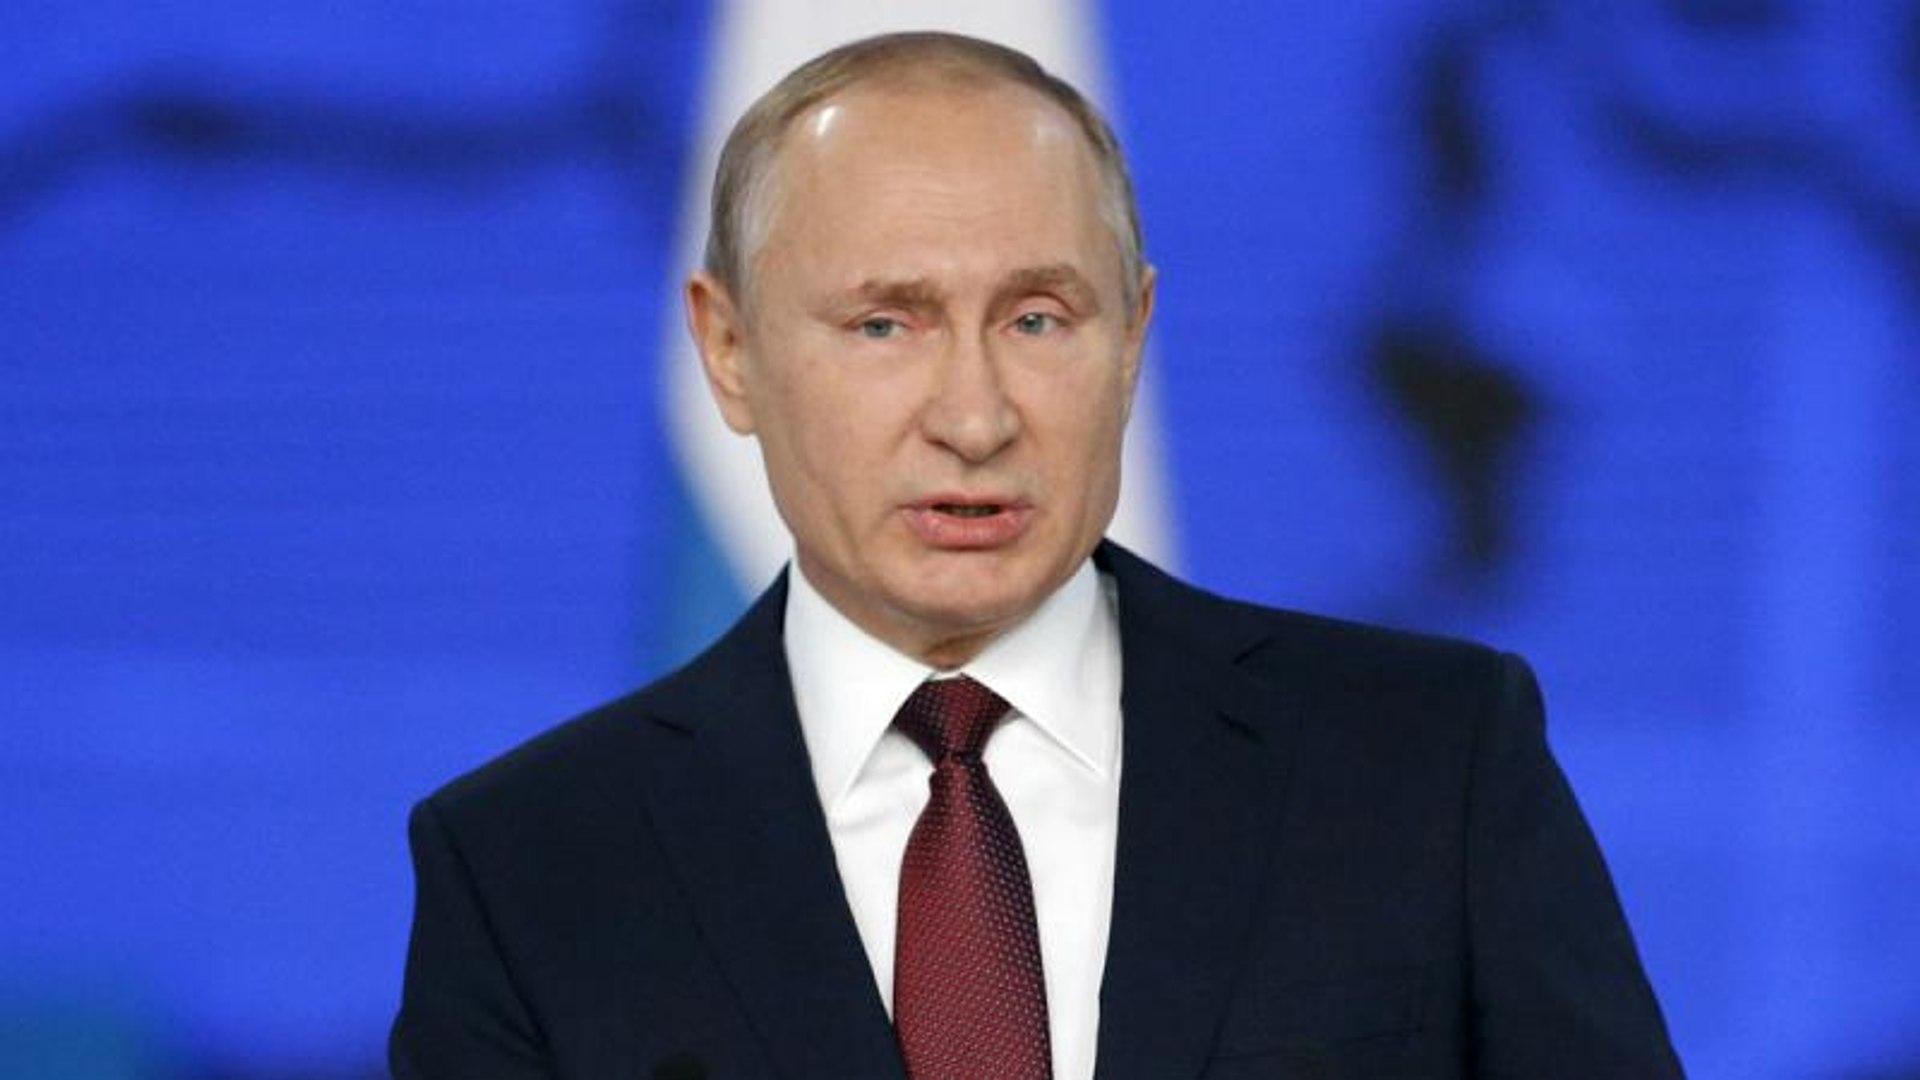 Vladímir Putin presenta su agenda social a los rusos y amenaza con apuntar sus misiles contra EEUU